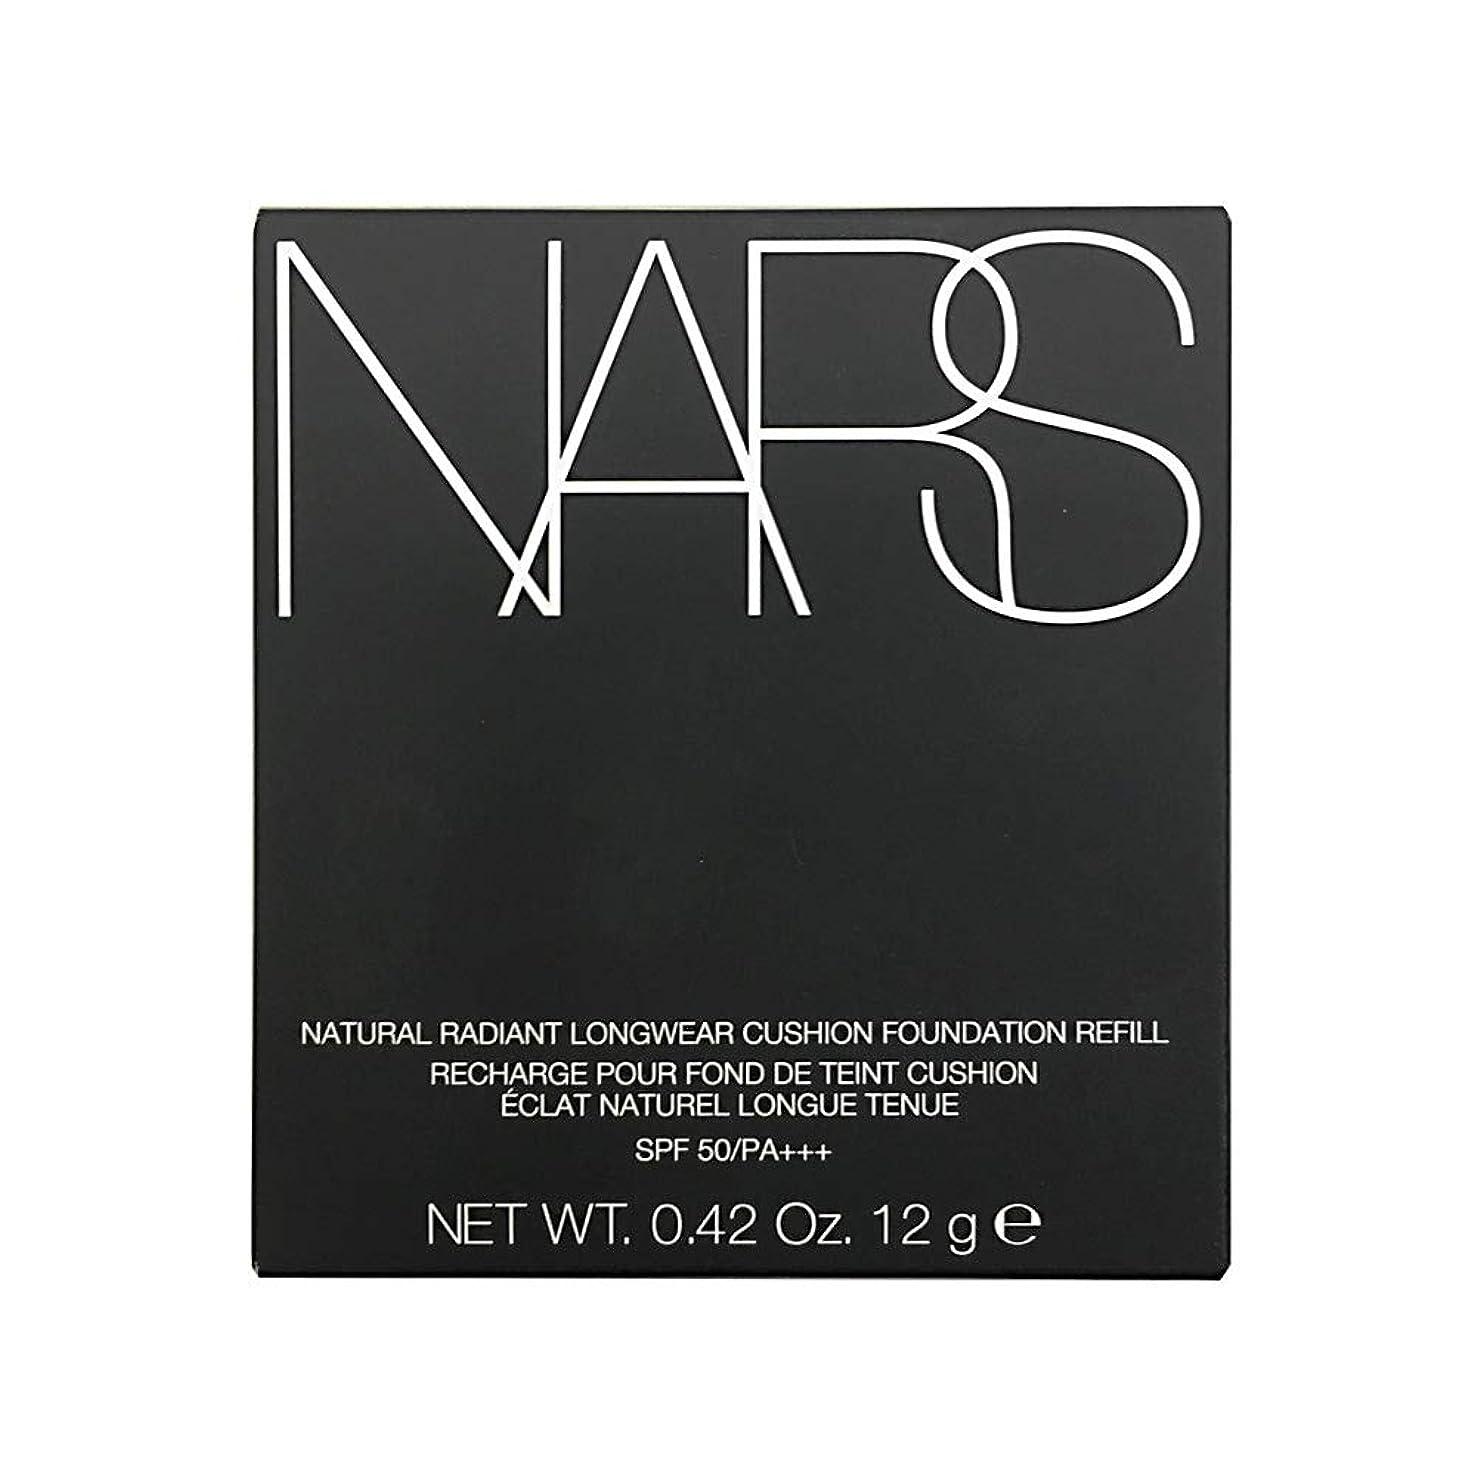 首相項目手術ナーズ/NARS ナチュラルラディアント ロングウェア クッションファンデーション(レフィル)#5880[ クッションファンデ ] [並行輸入品]